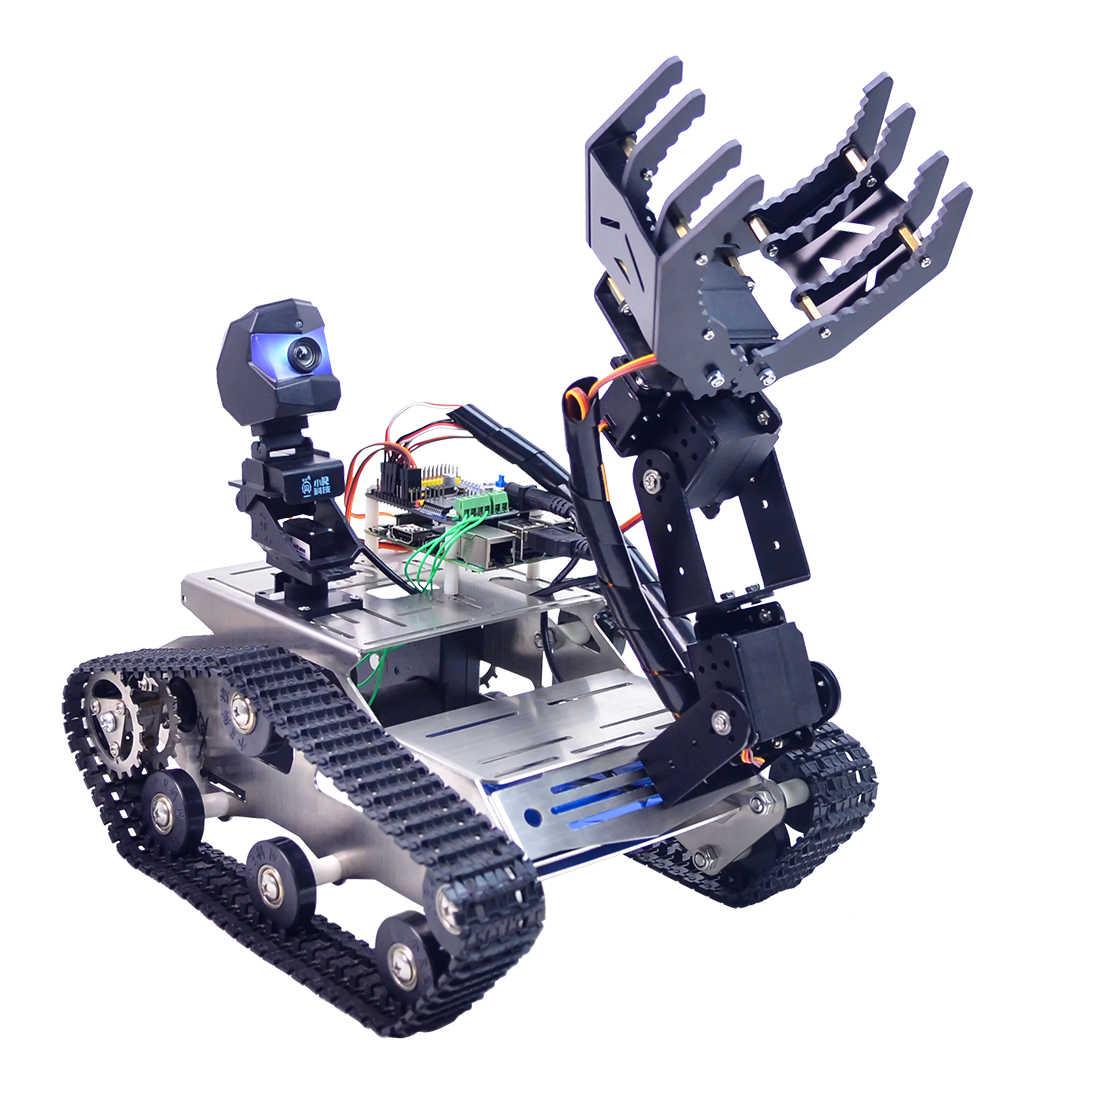 โปรแกรมหุ่นยนต์ DIY WIFI + บลูทูธสแตนเลสแชสซี TRACK ถังไอน้ำการศึกษารถสำหรับ Raspberry Pi 3B +